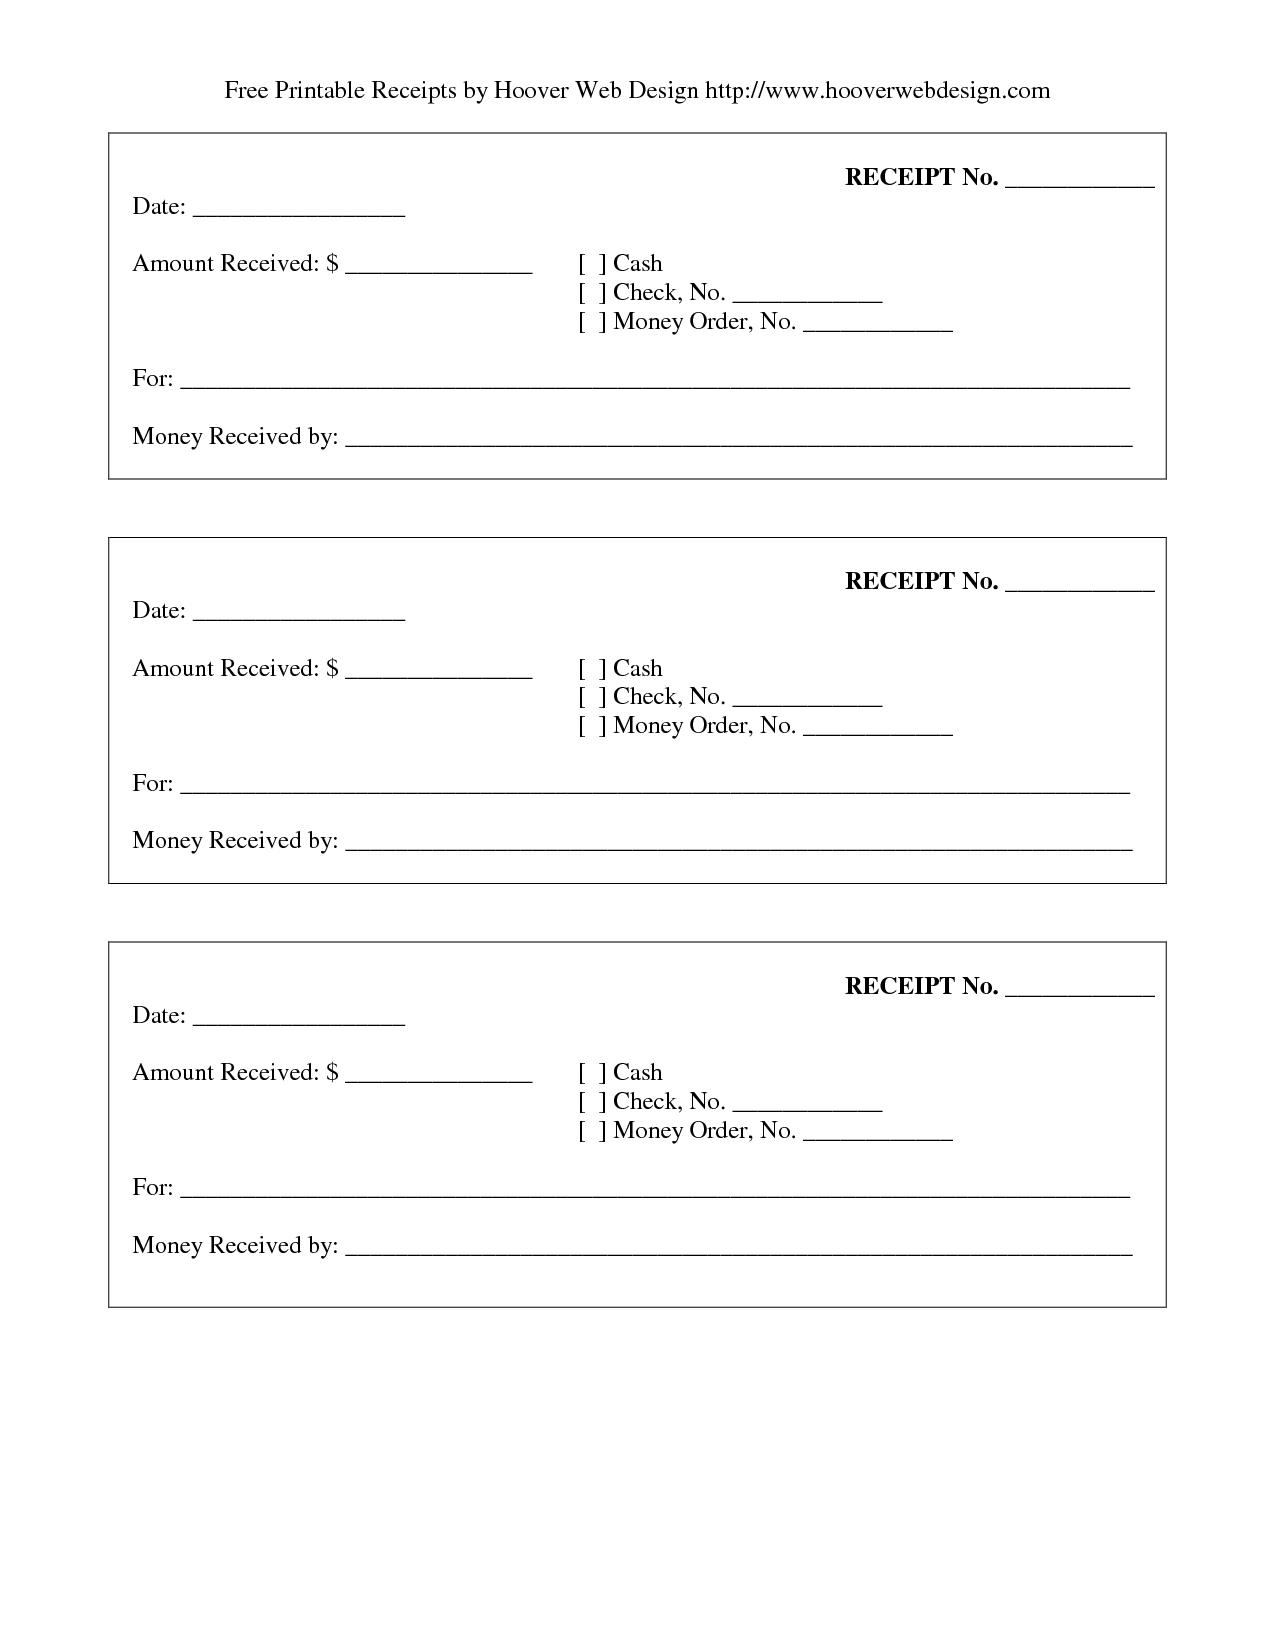 Print Receipt | Free Printable Receipt | Stuff To Buy In 2019 - Free Printable Receipts